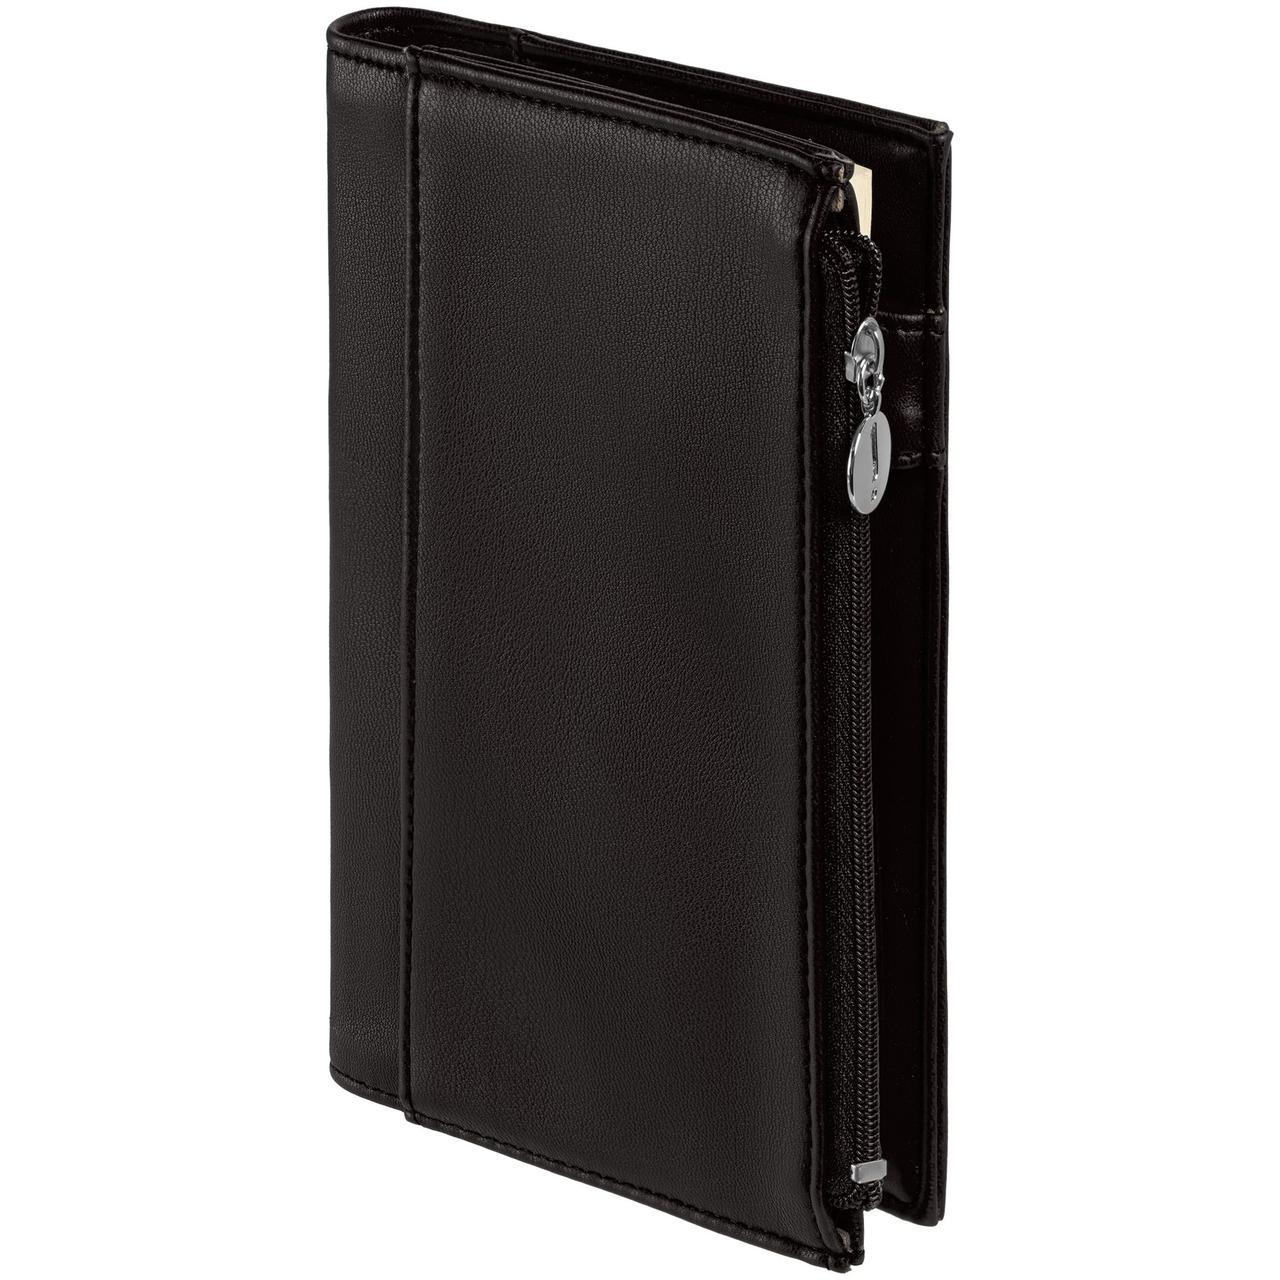 Ежедневник Zipco, недатированный, черный (артикул 17019.30)